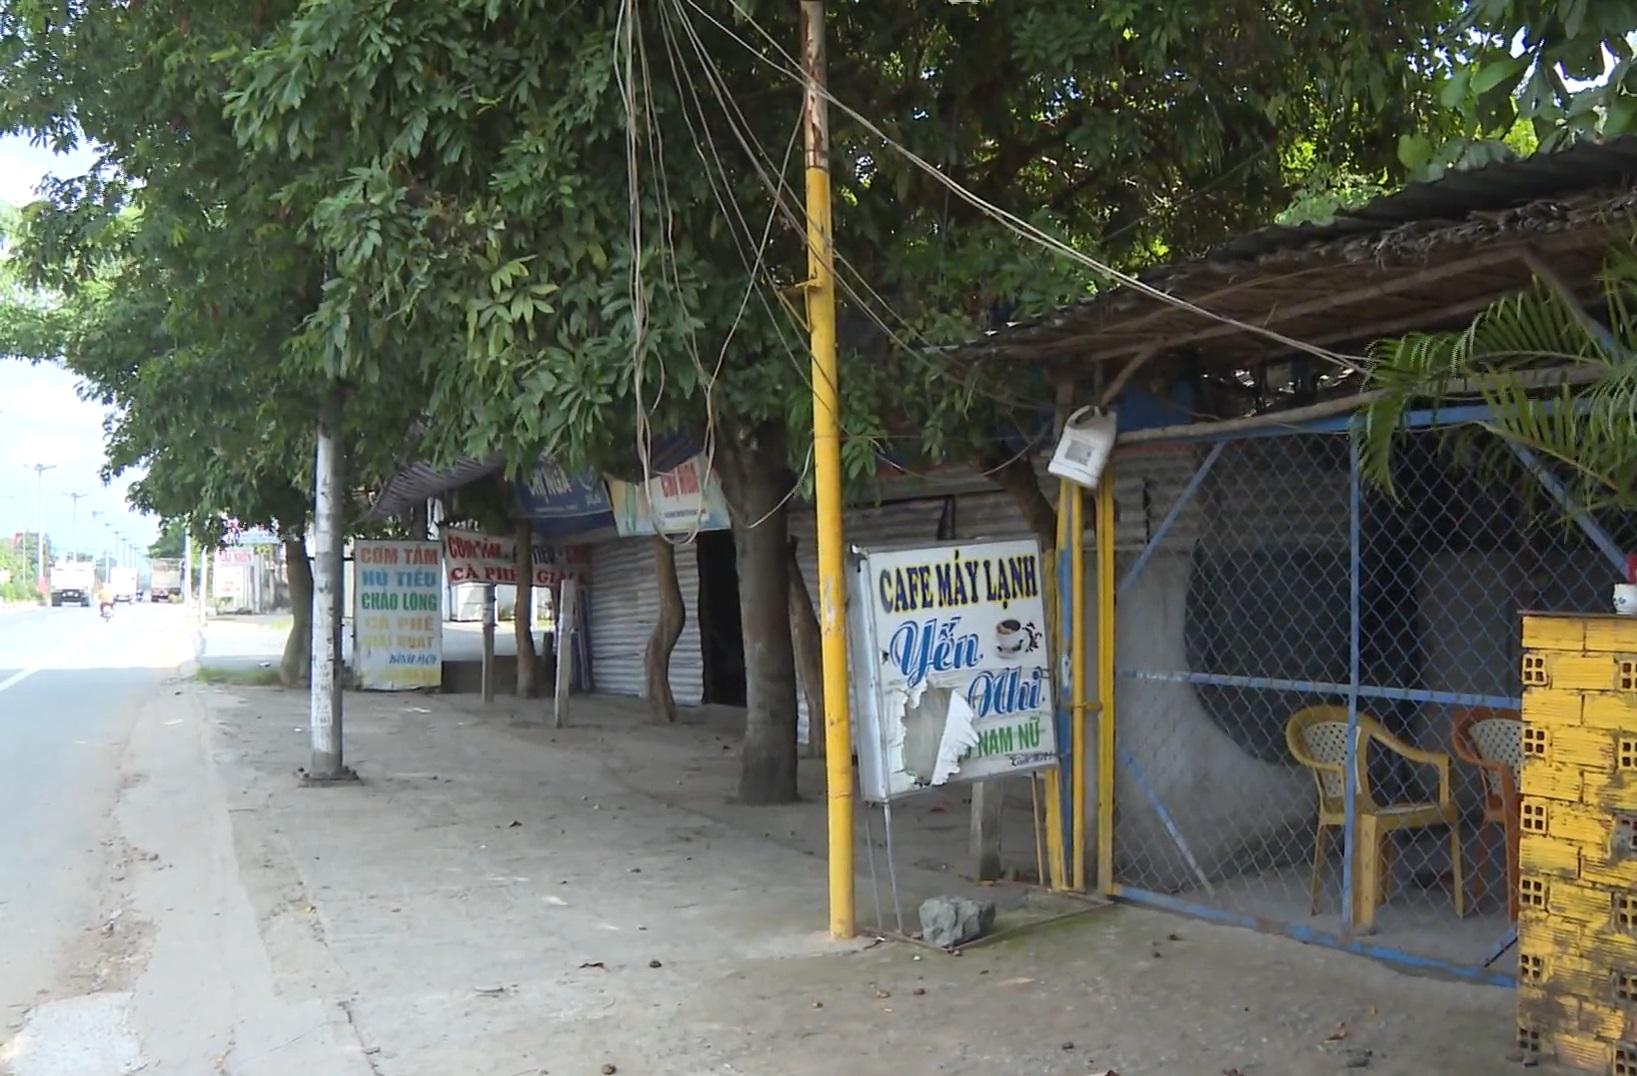 Các hàng quán dọc quốc lộ 1 qua Tiền Giang cũng đã được cho ngừng hoạt động trước đó